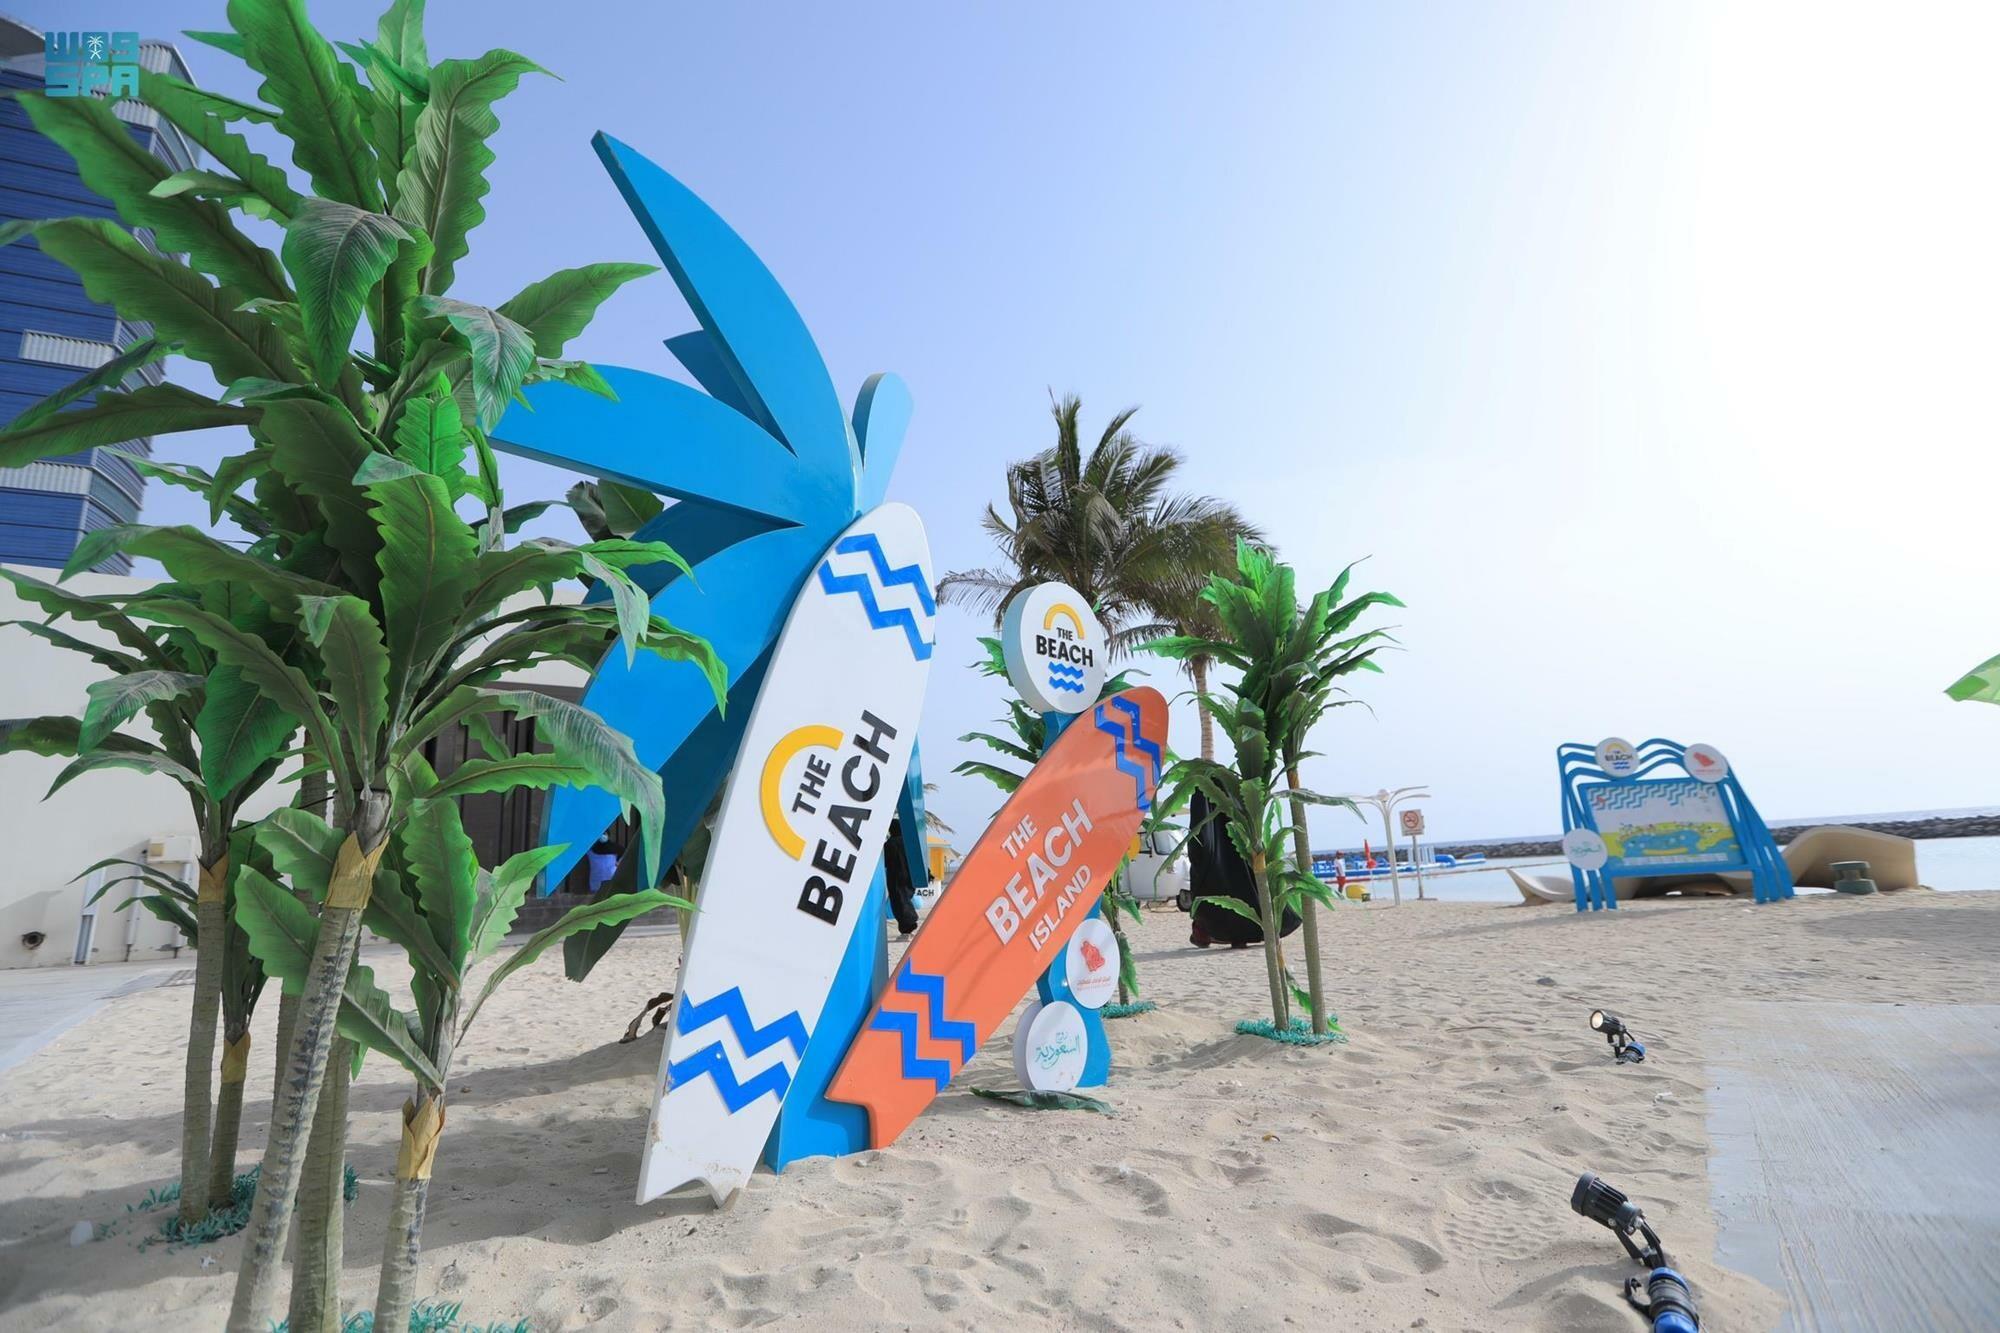 جدة: وجهة مثالية للسياحة بأكبر جزيرة مائية عائمة في العالم